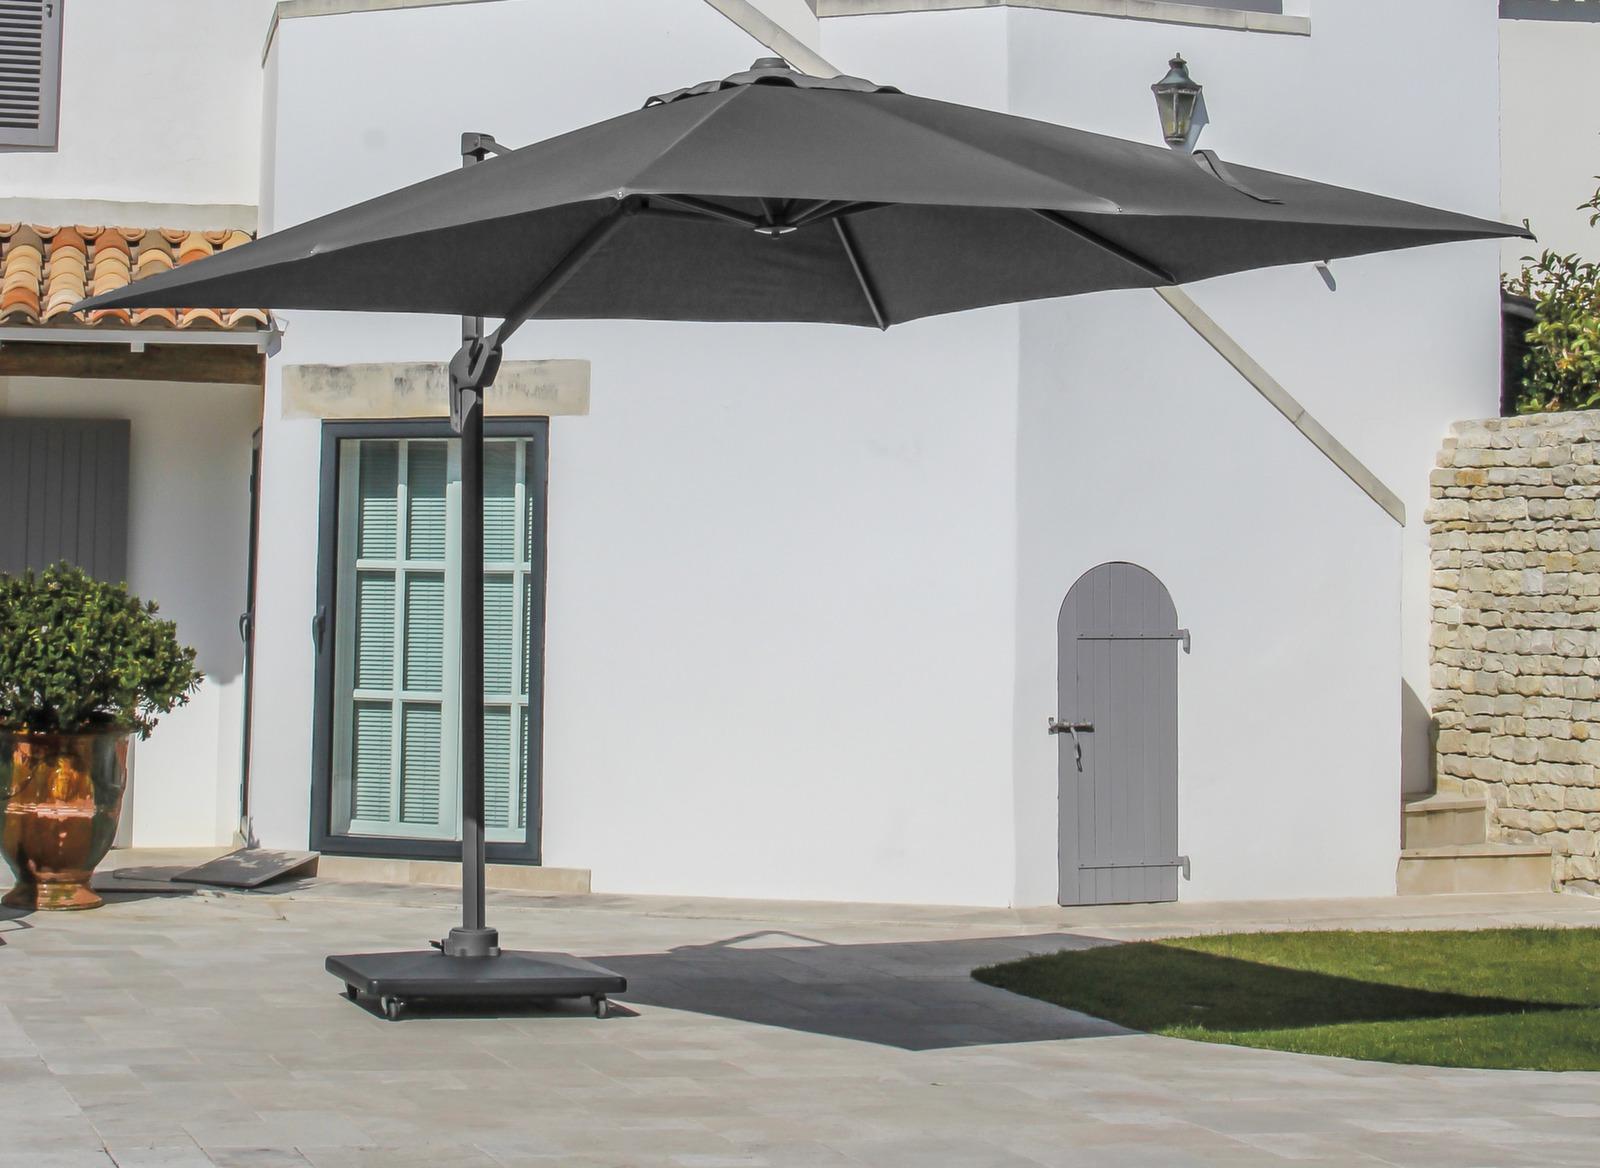 Parasol d port rectangulaire 3x4m elios gamme oc o Parasol deporte rectangulaire 3x4m